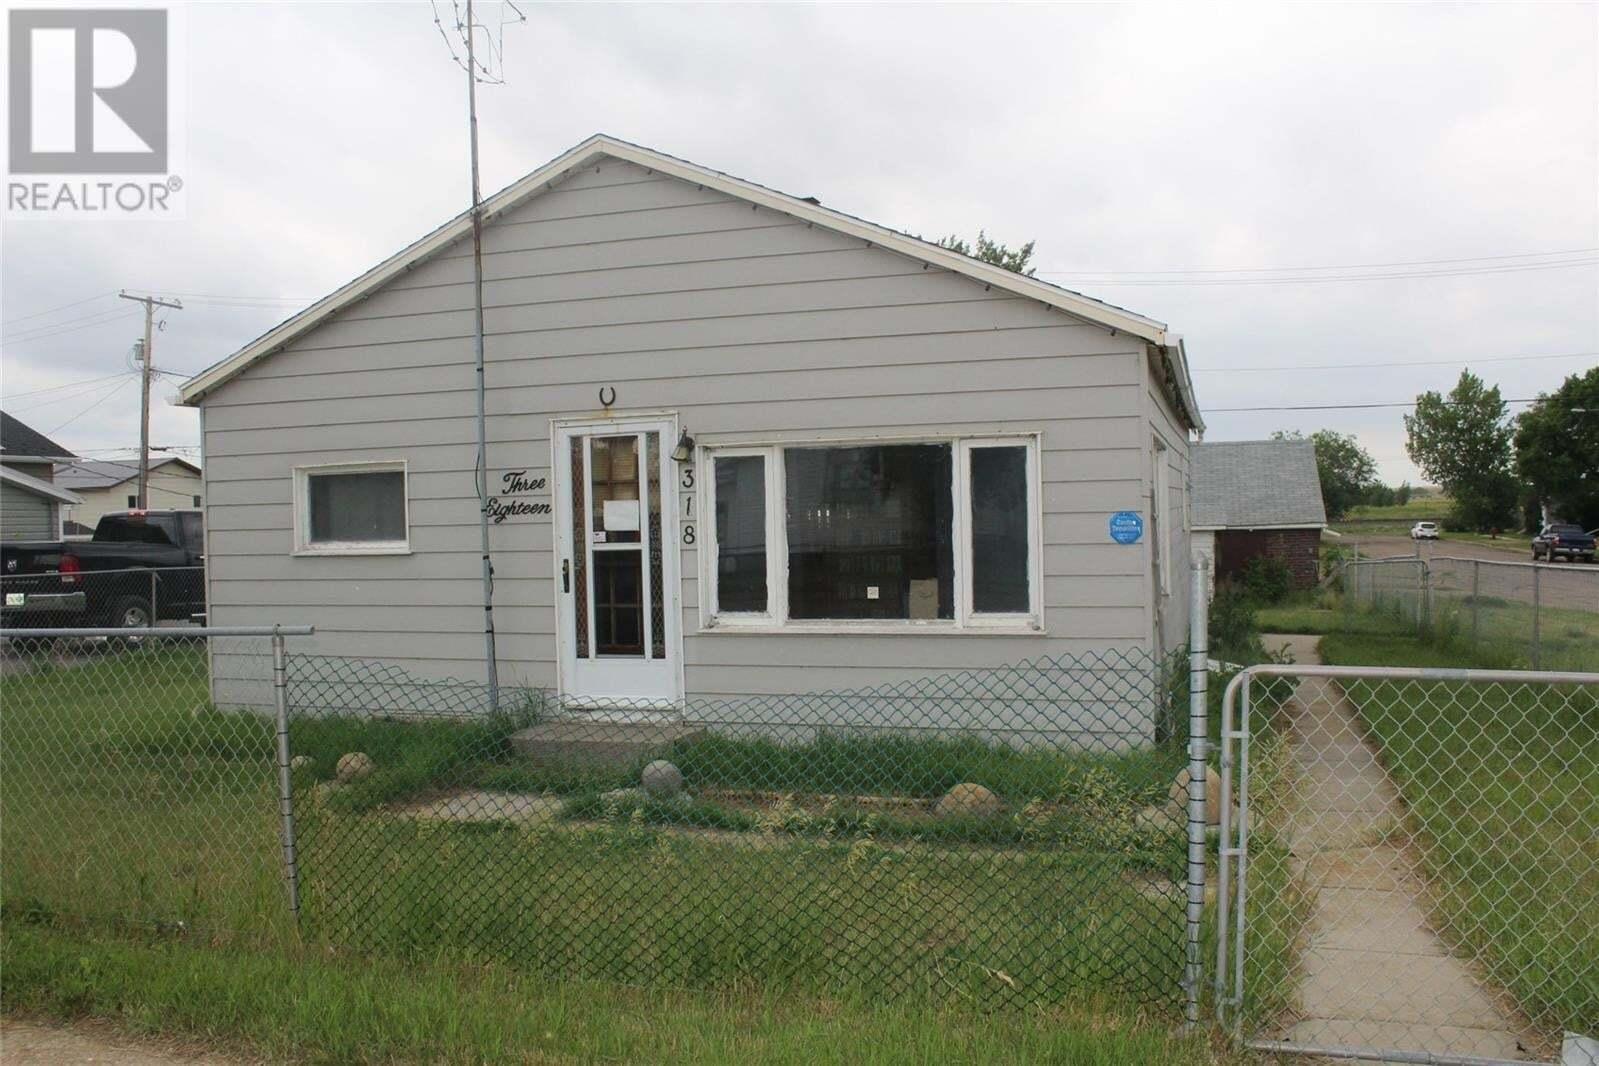 House for sale at 318 Carbon Ave Bienfait Saskatchewan - MLS: SK815091